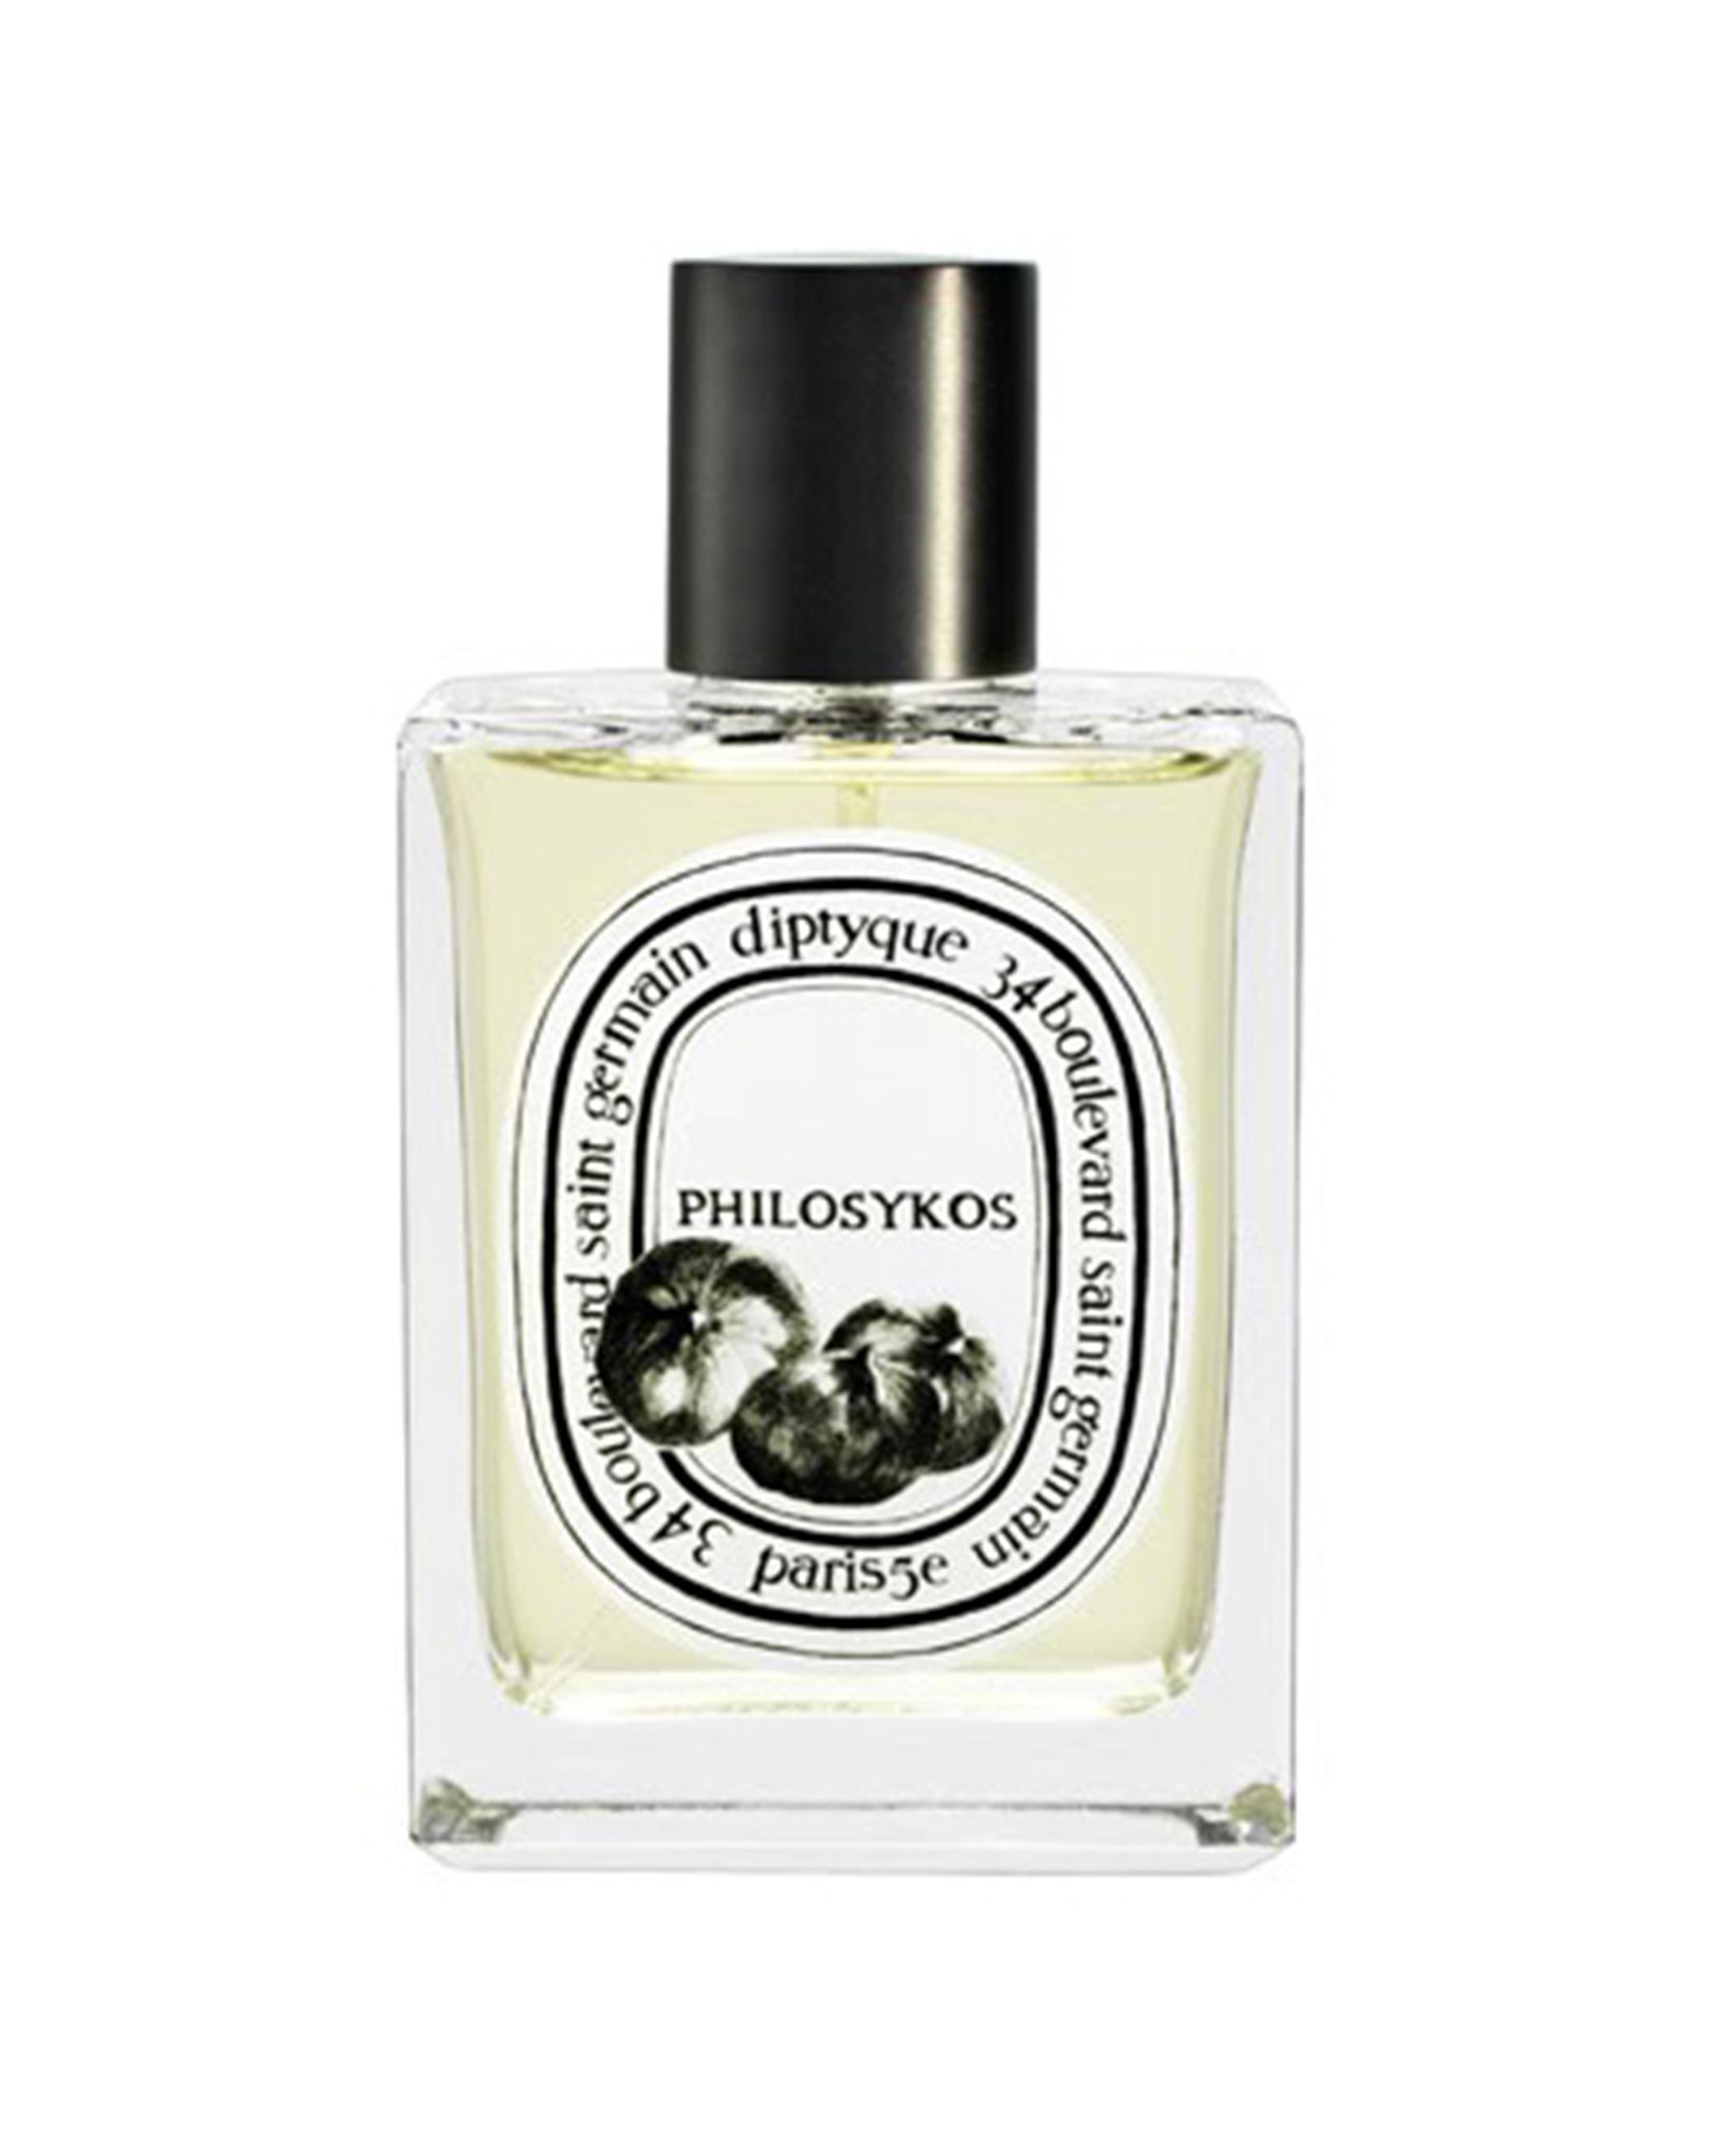 burberry parfym nordicfeel